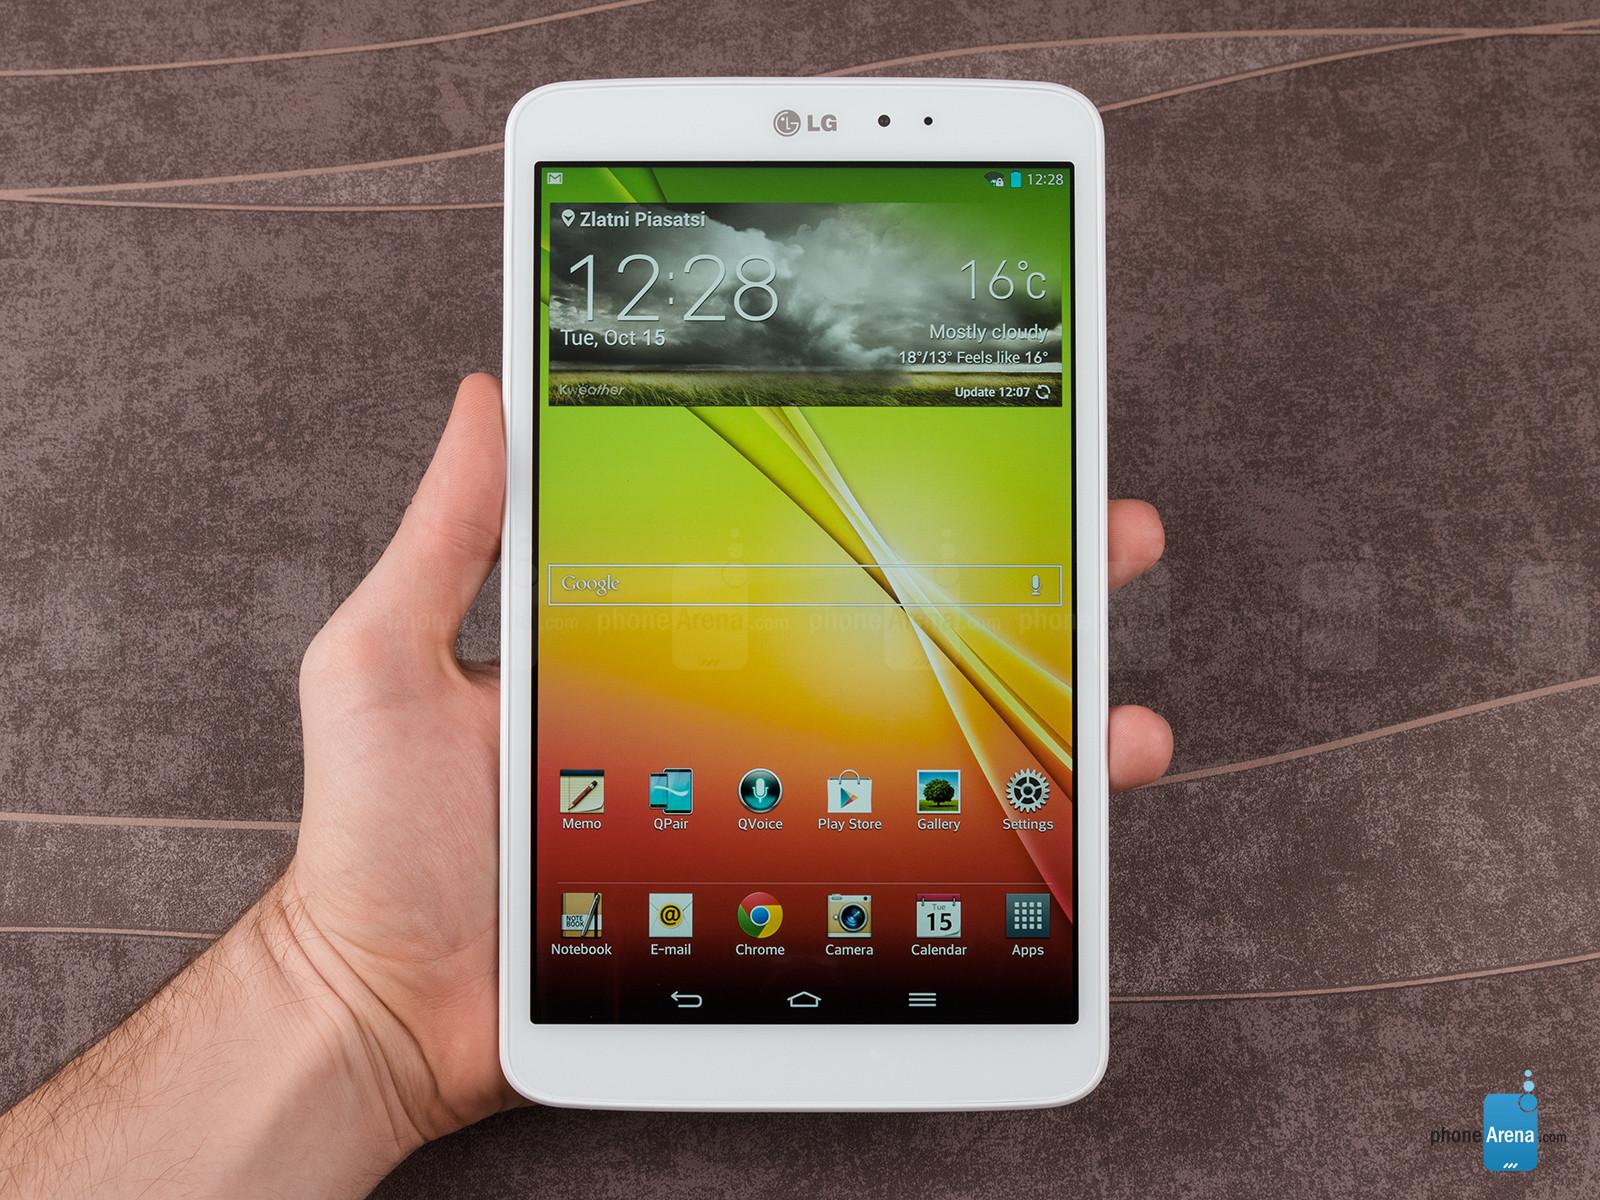 LG ընկերությունը ներկայացրել է LG G Pad 8.3 պլանշետը